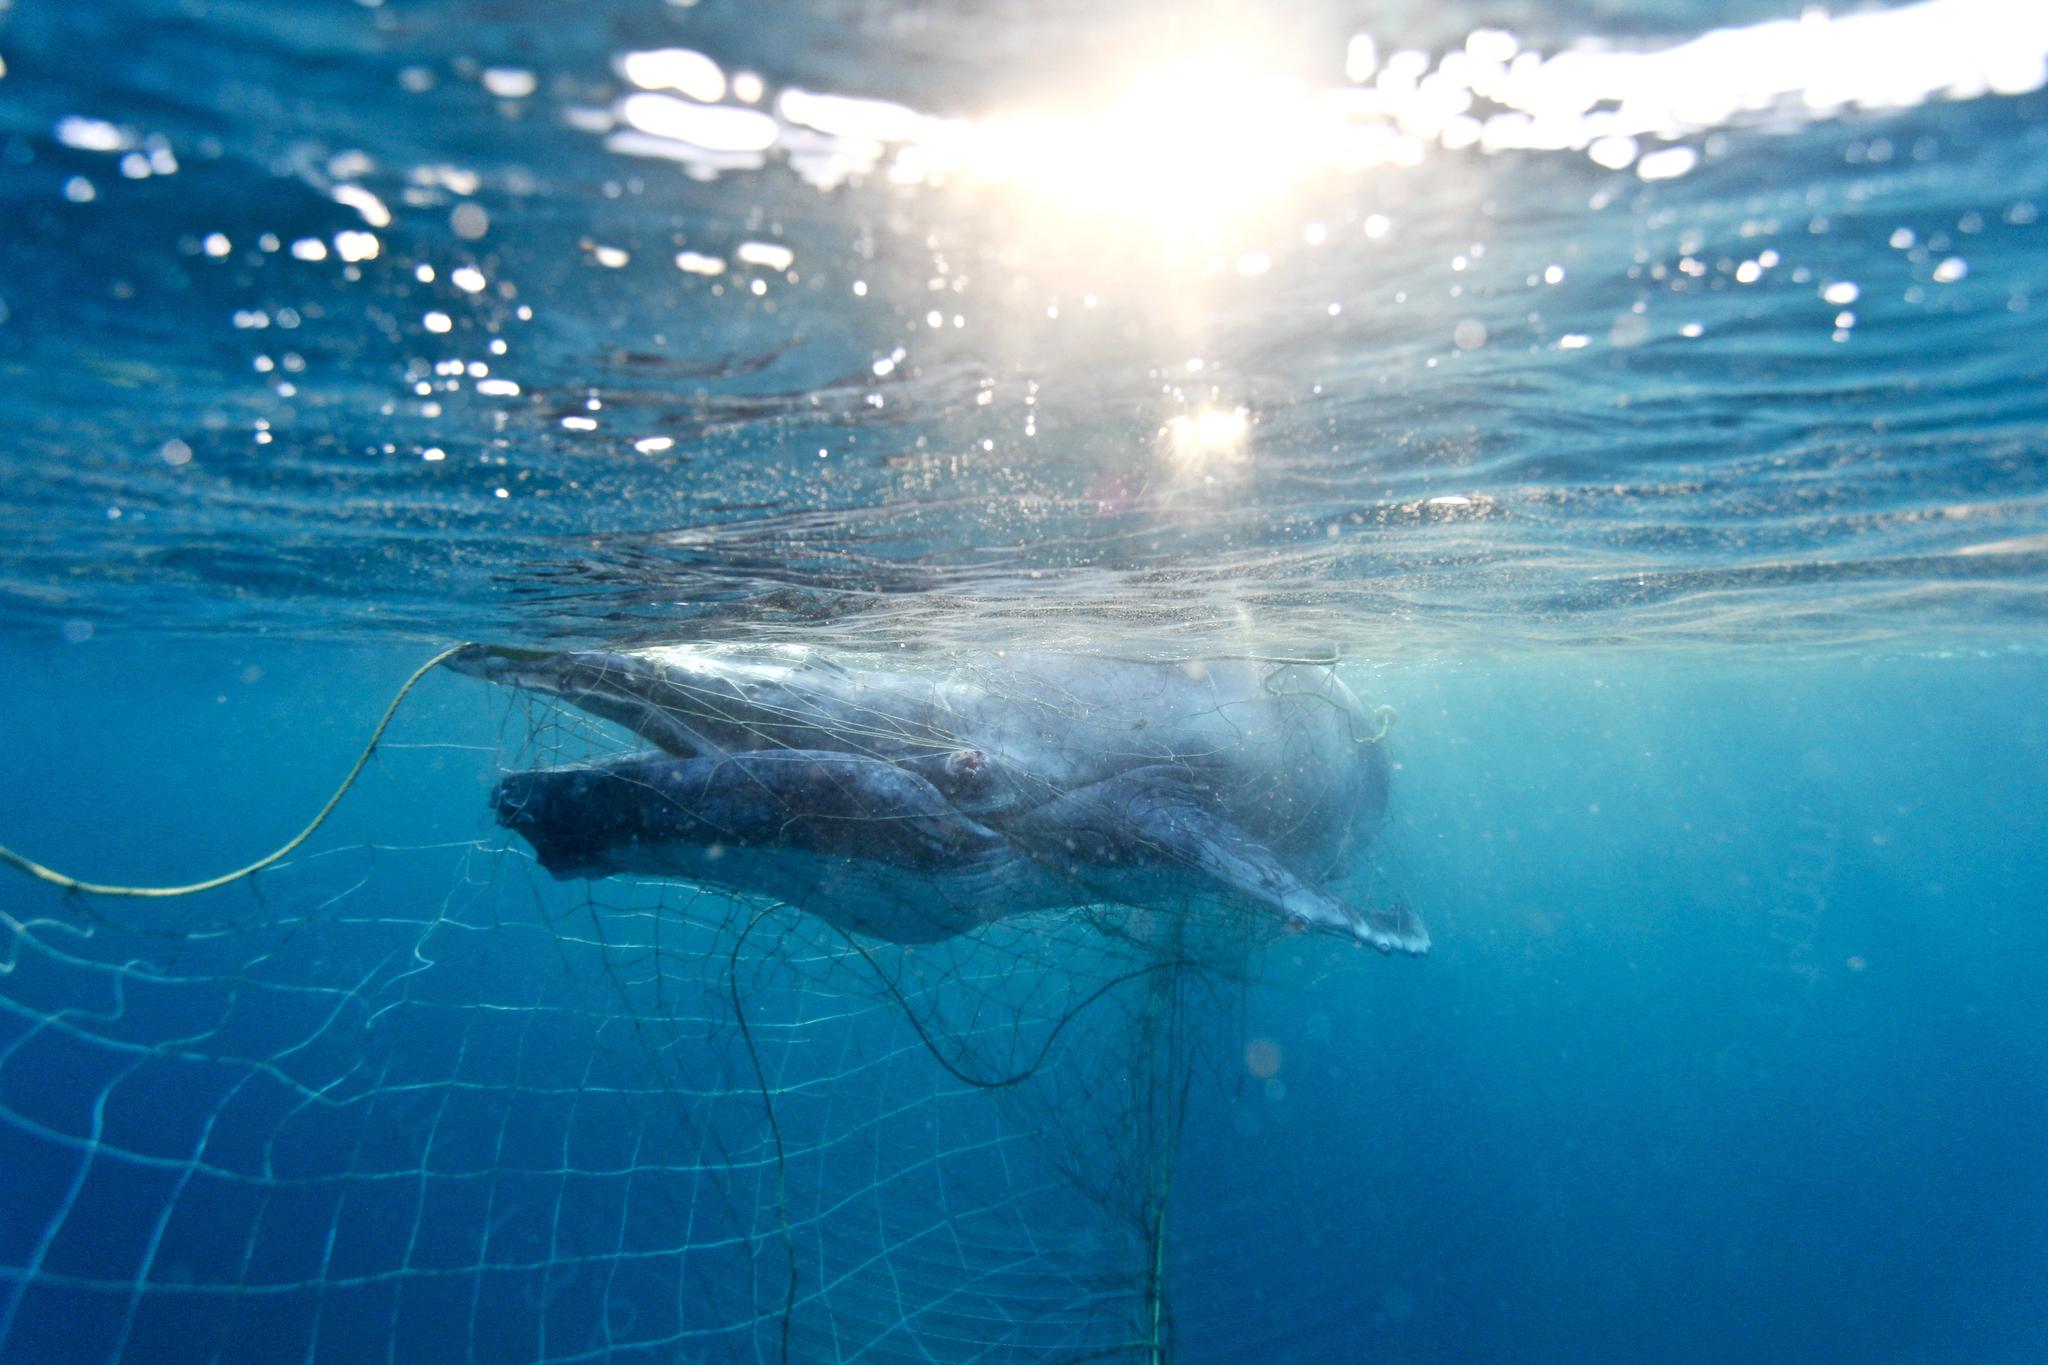 지난해 10월 상어를 막기 위해 호주 퀸즐랜드 해변에 설치한 그물에 걸린 아기 혹등고래. [EPA=연합뉴스]